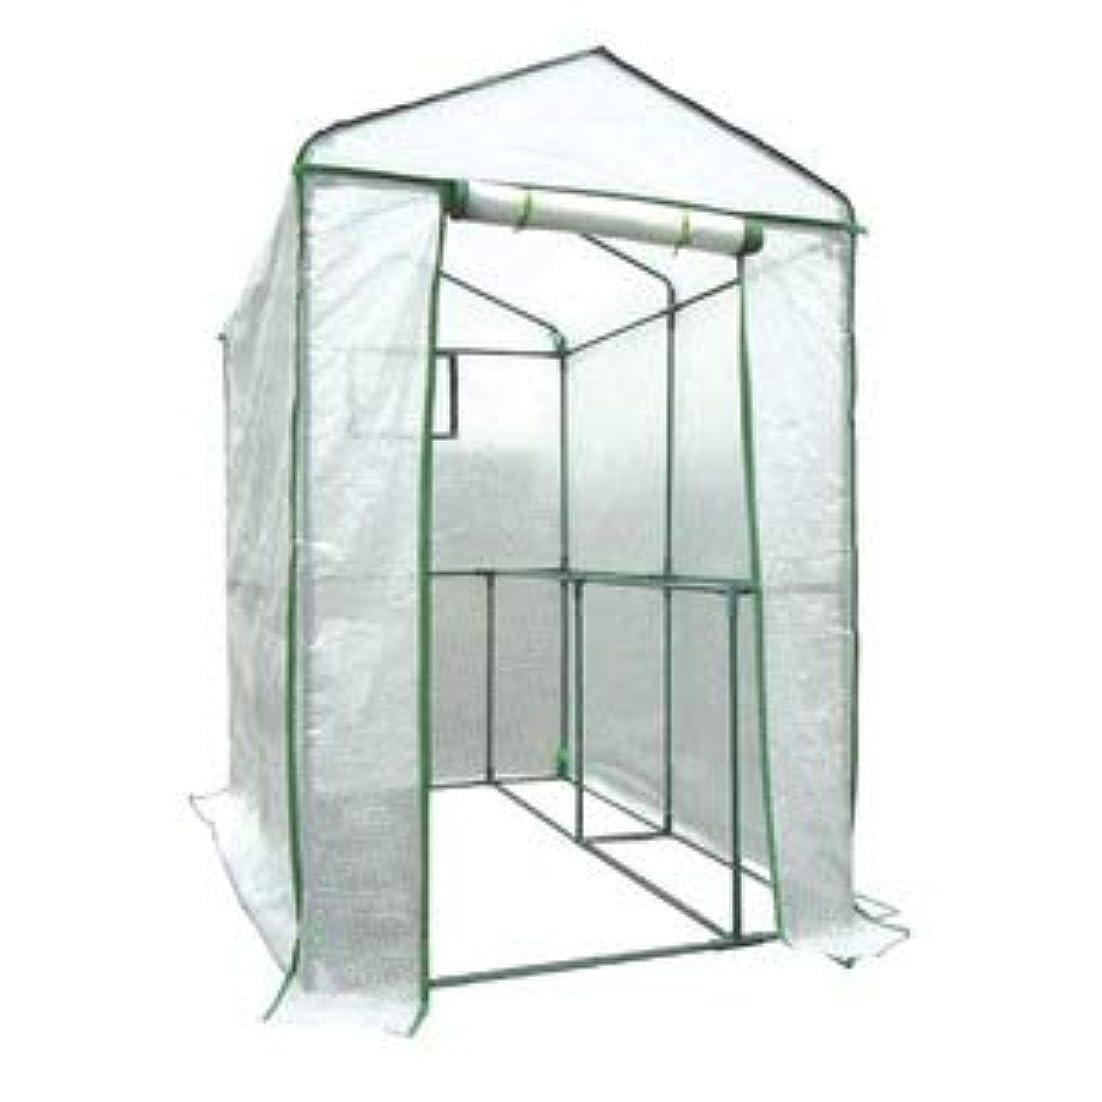 汚物比べるチャールズキージング家庭用ビニールハウス(簡易温室) 「グリーンジャンボ」 ファスナー式 メッシュ窓付き 高さ190cm